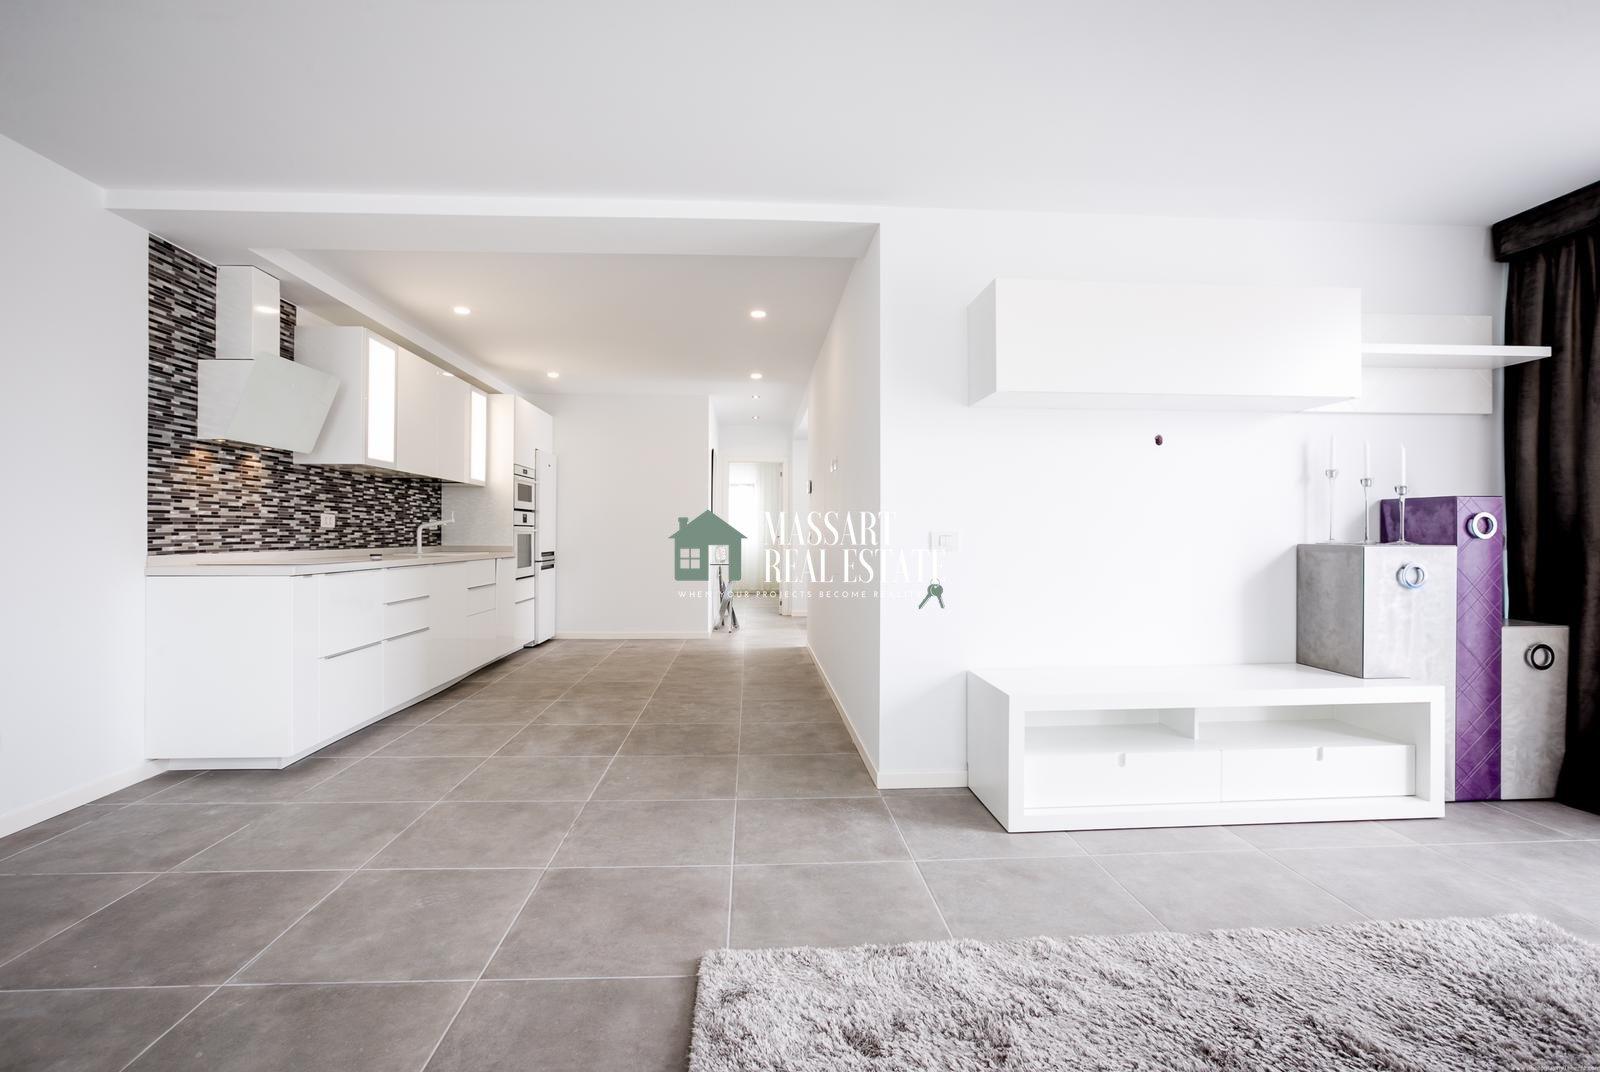 Prachtige twee onder één kap woning volledig gerenoveerd in de bekende woonwijk Palm Mar.